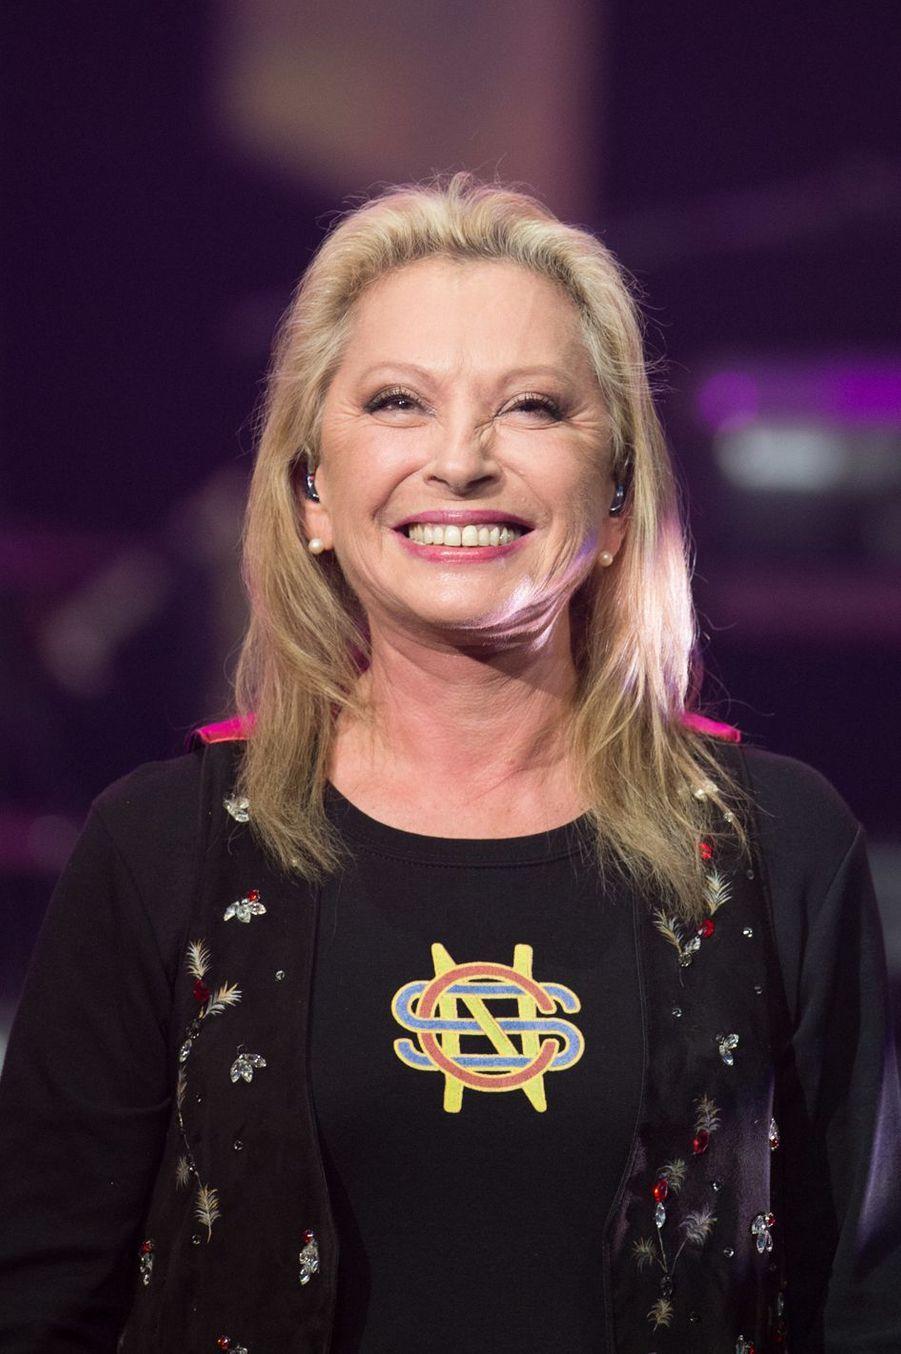 Véronique Sanson au Théâtre des Folies Bergeres à Paris, le 30 novembre 2015